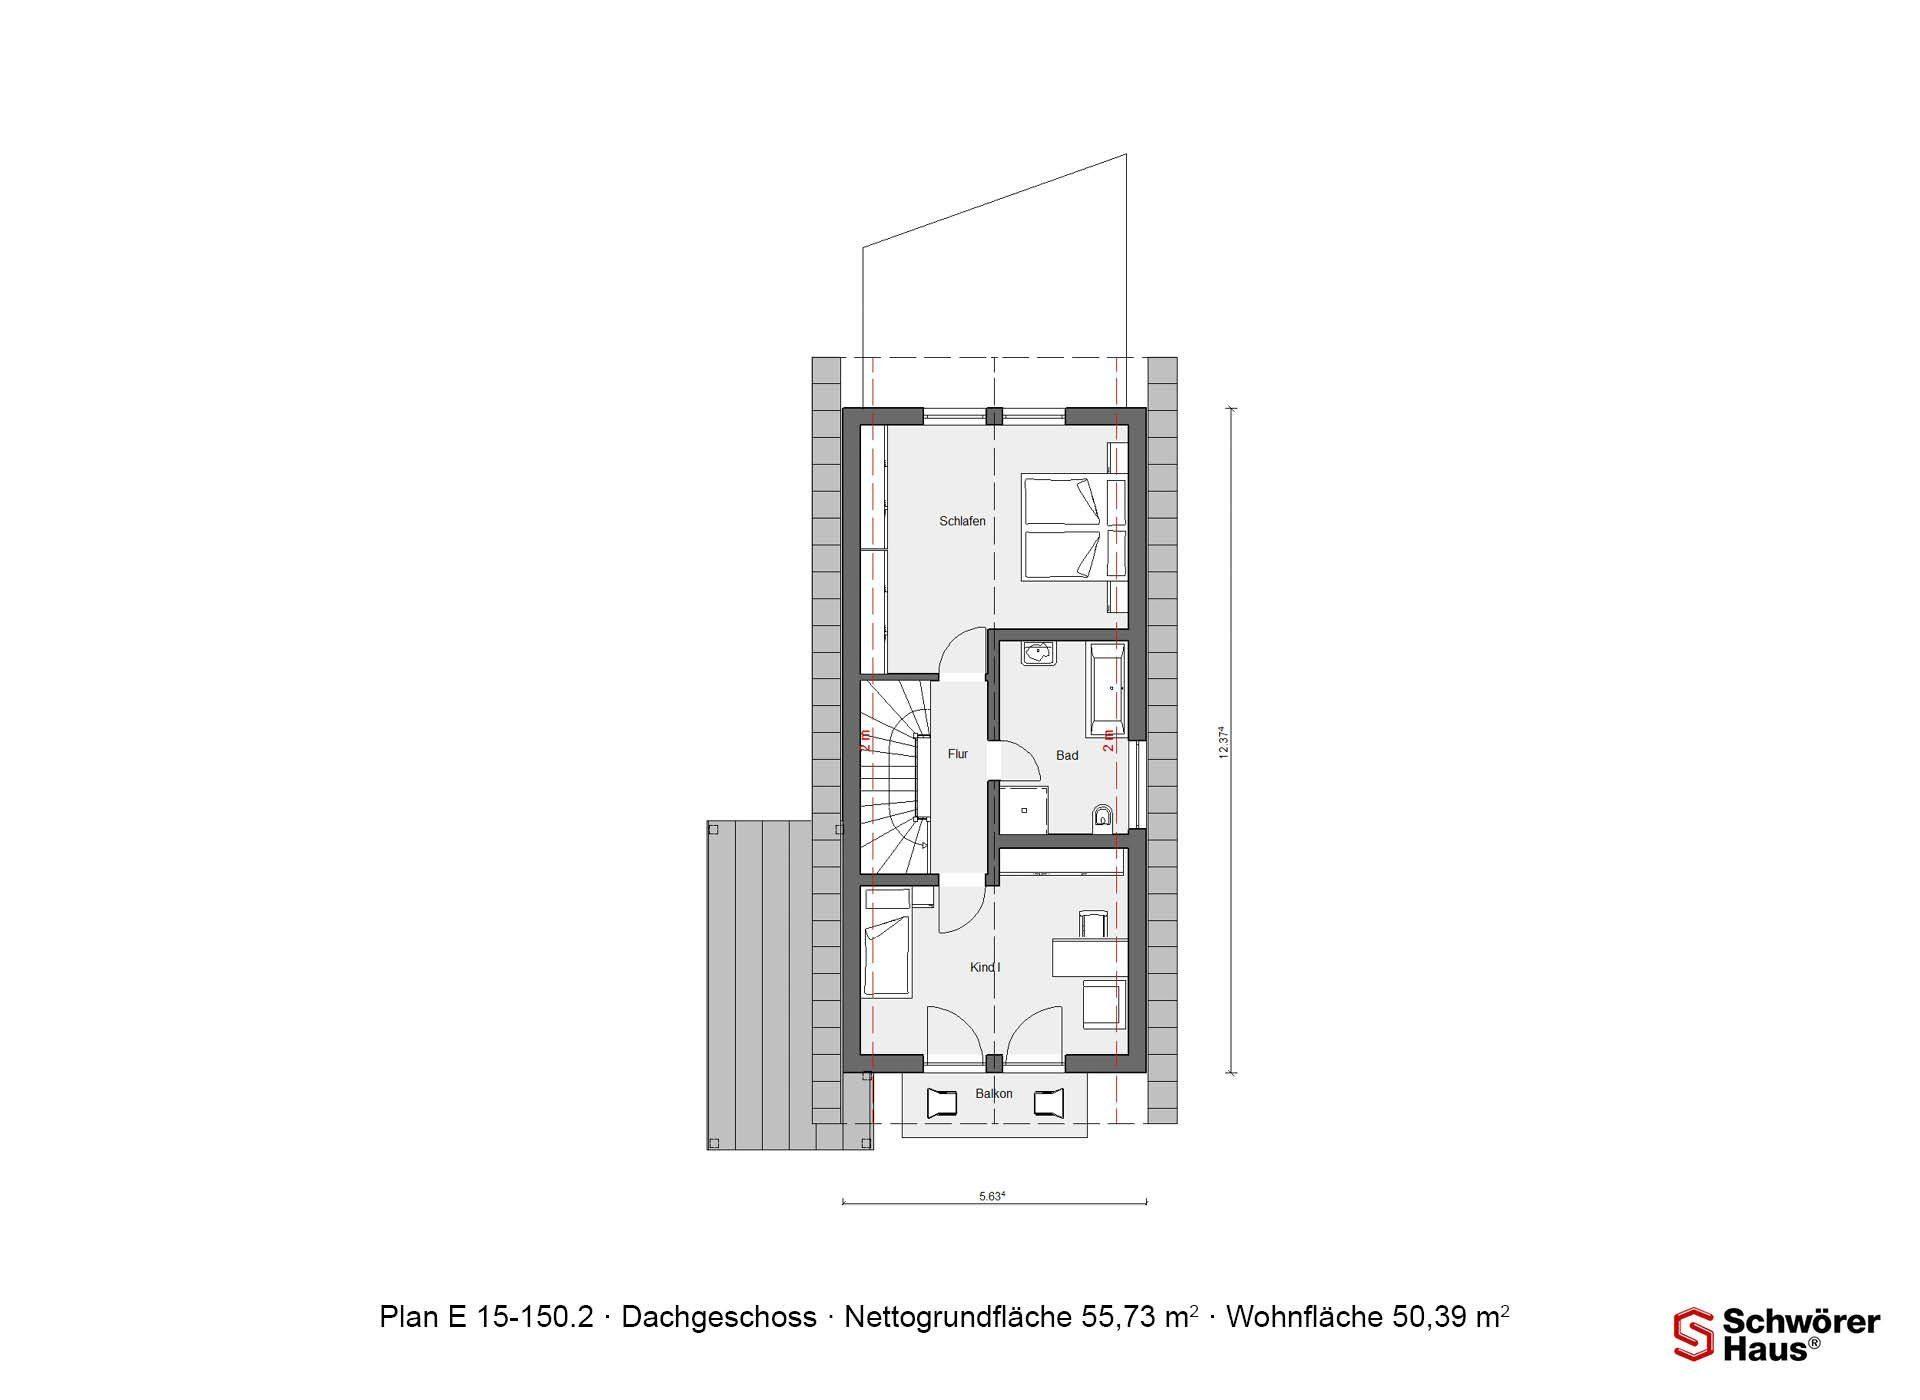 Plan E 15-125.1 - Eine Nahaufnahme eines Geräts - Gebäudeplan